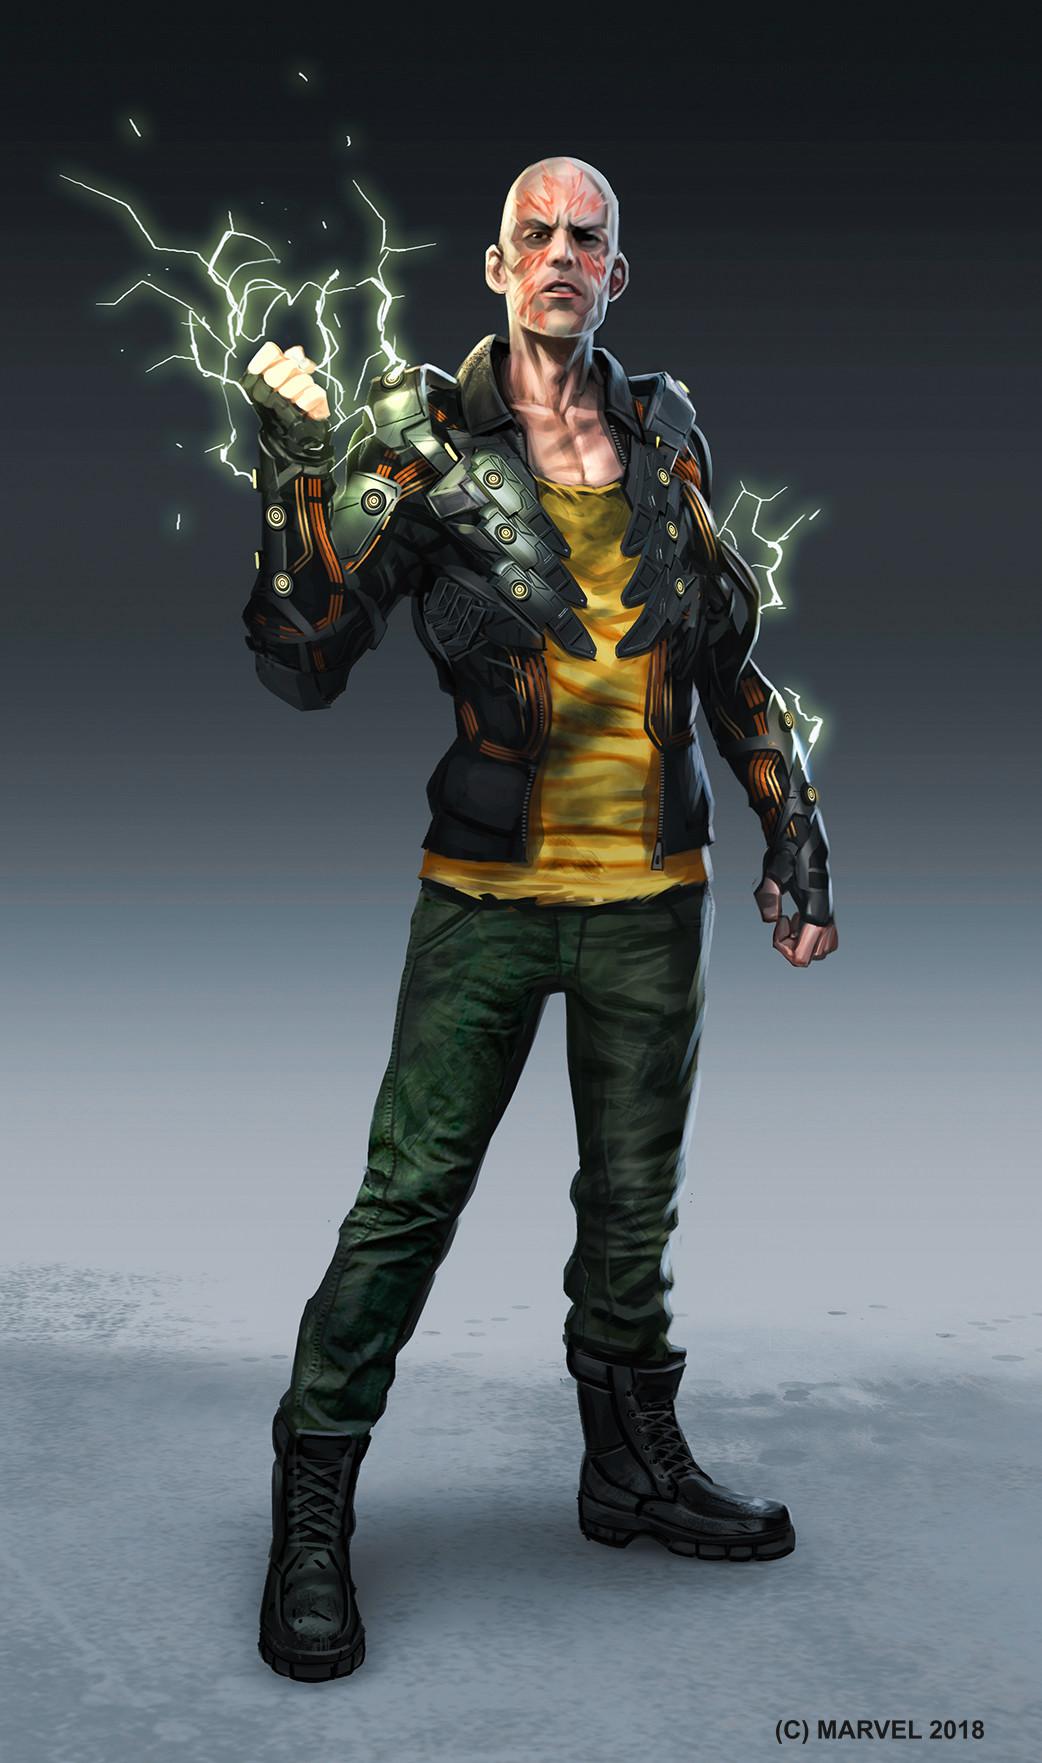 Daryl mandryk electropolish